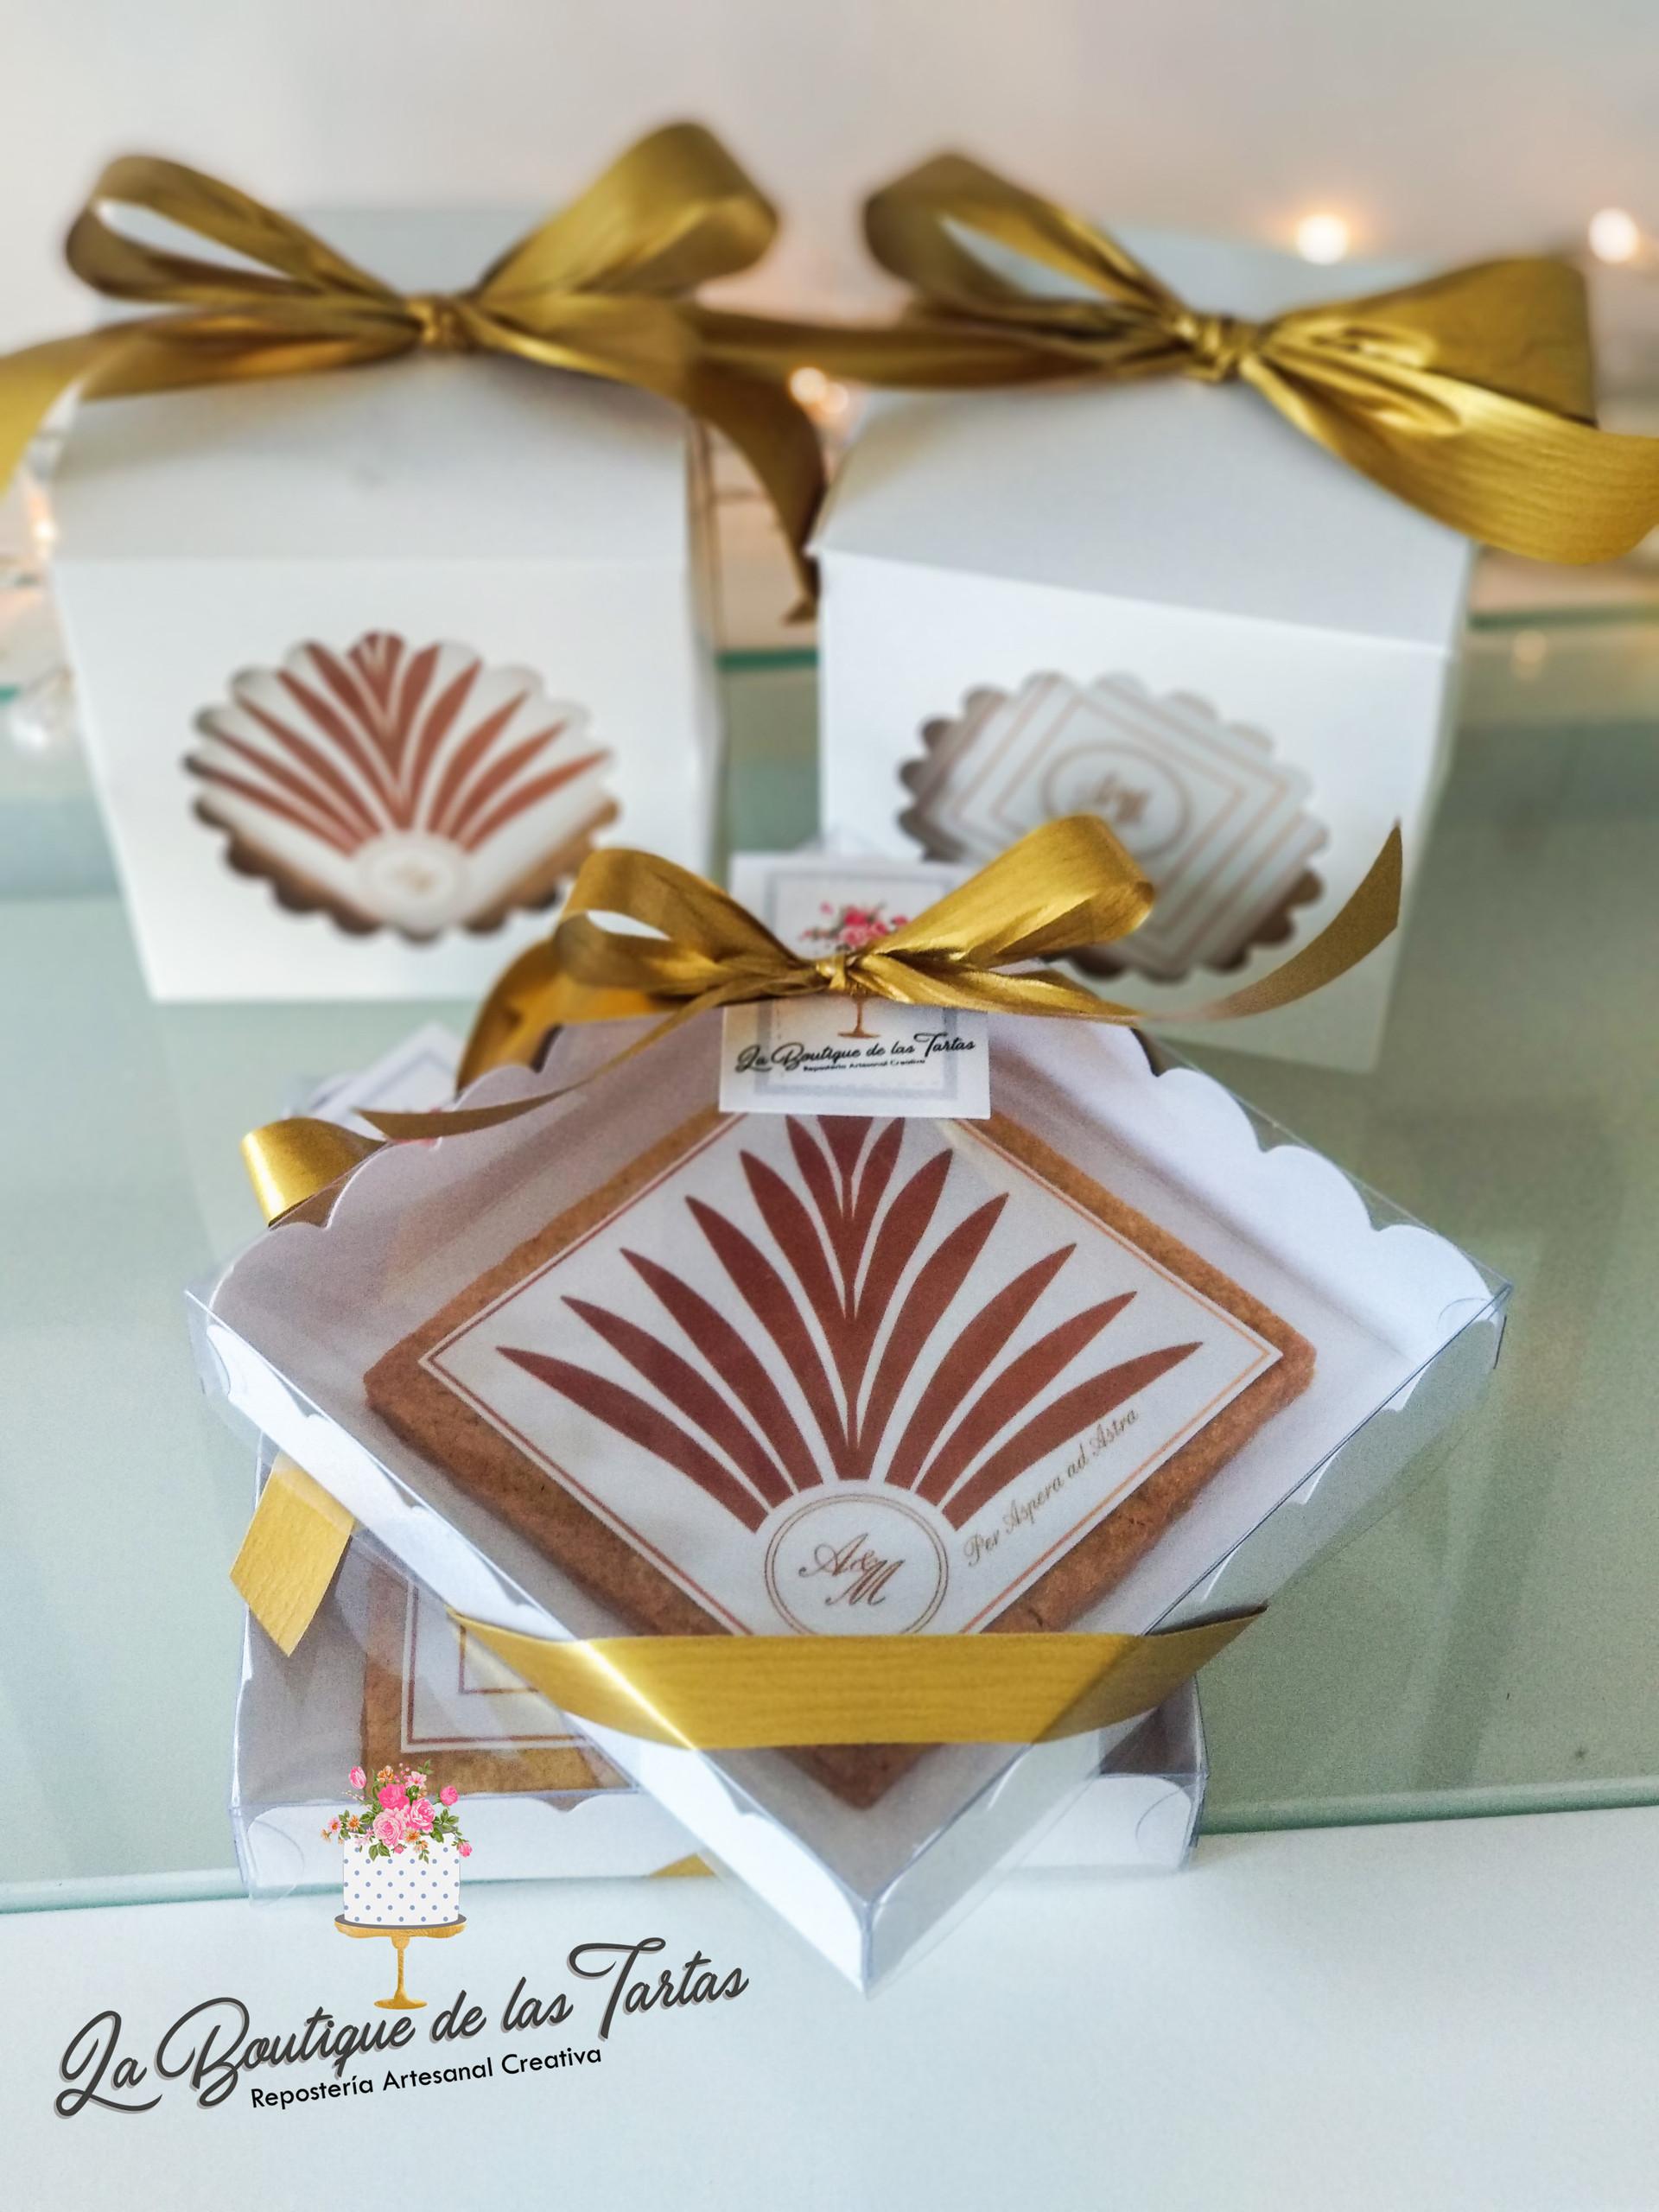 galletas personalizadas amaya.jpg